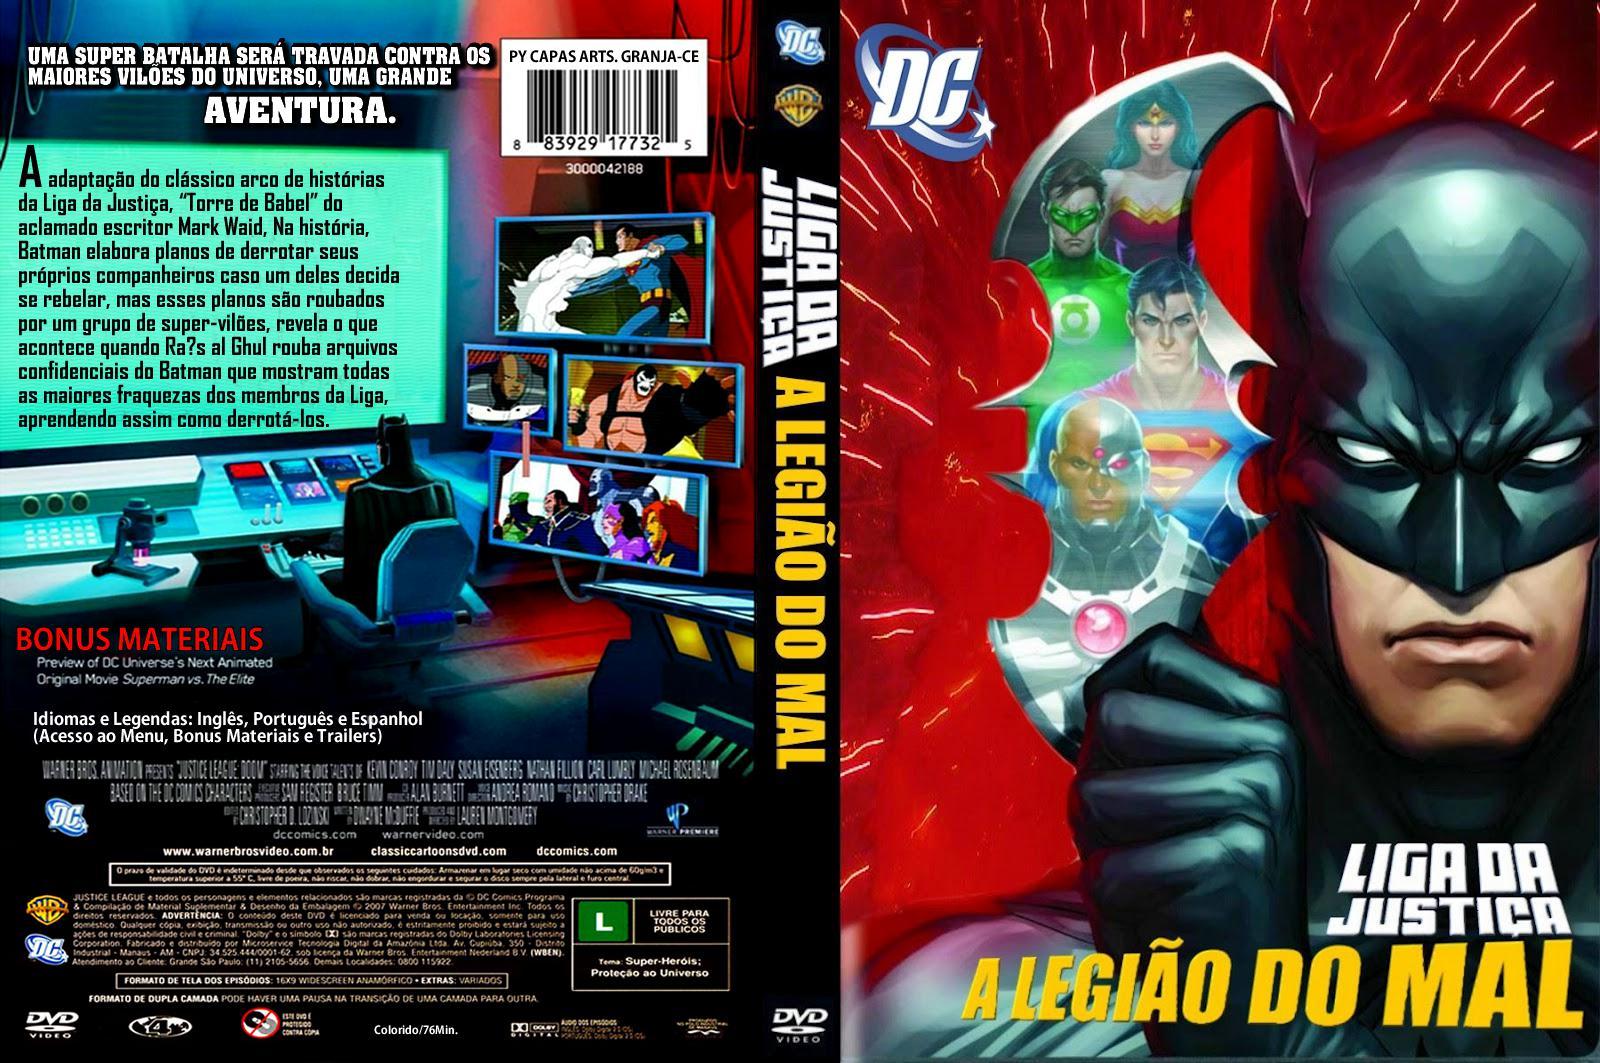 Torrent - Liga da Justiça: A Legião do Mal Blu-ray rip 720p e 1080p Dual Áudio (2012)